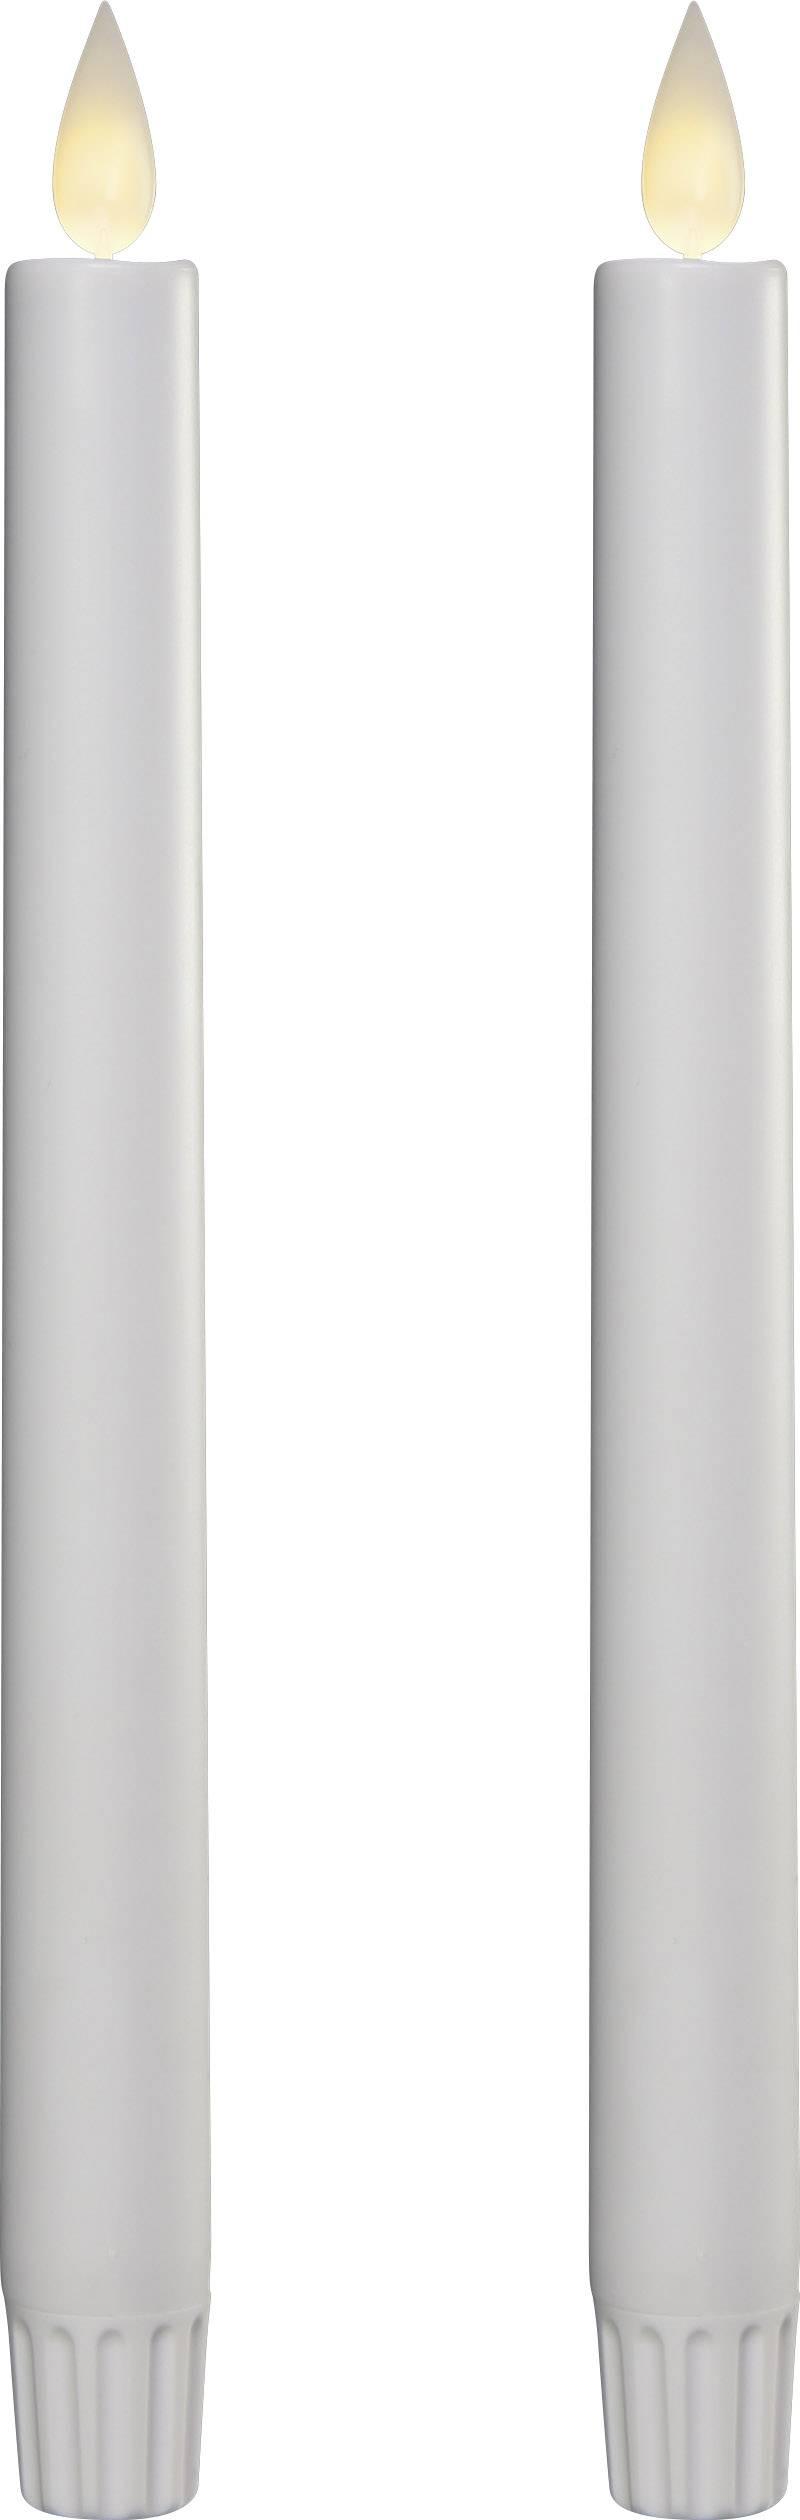 Dekoračná LED sviečka do svietniku Polarlite 2 ks, biela